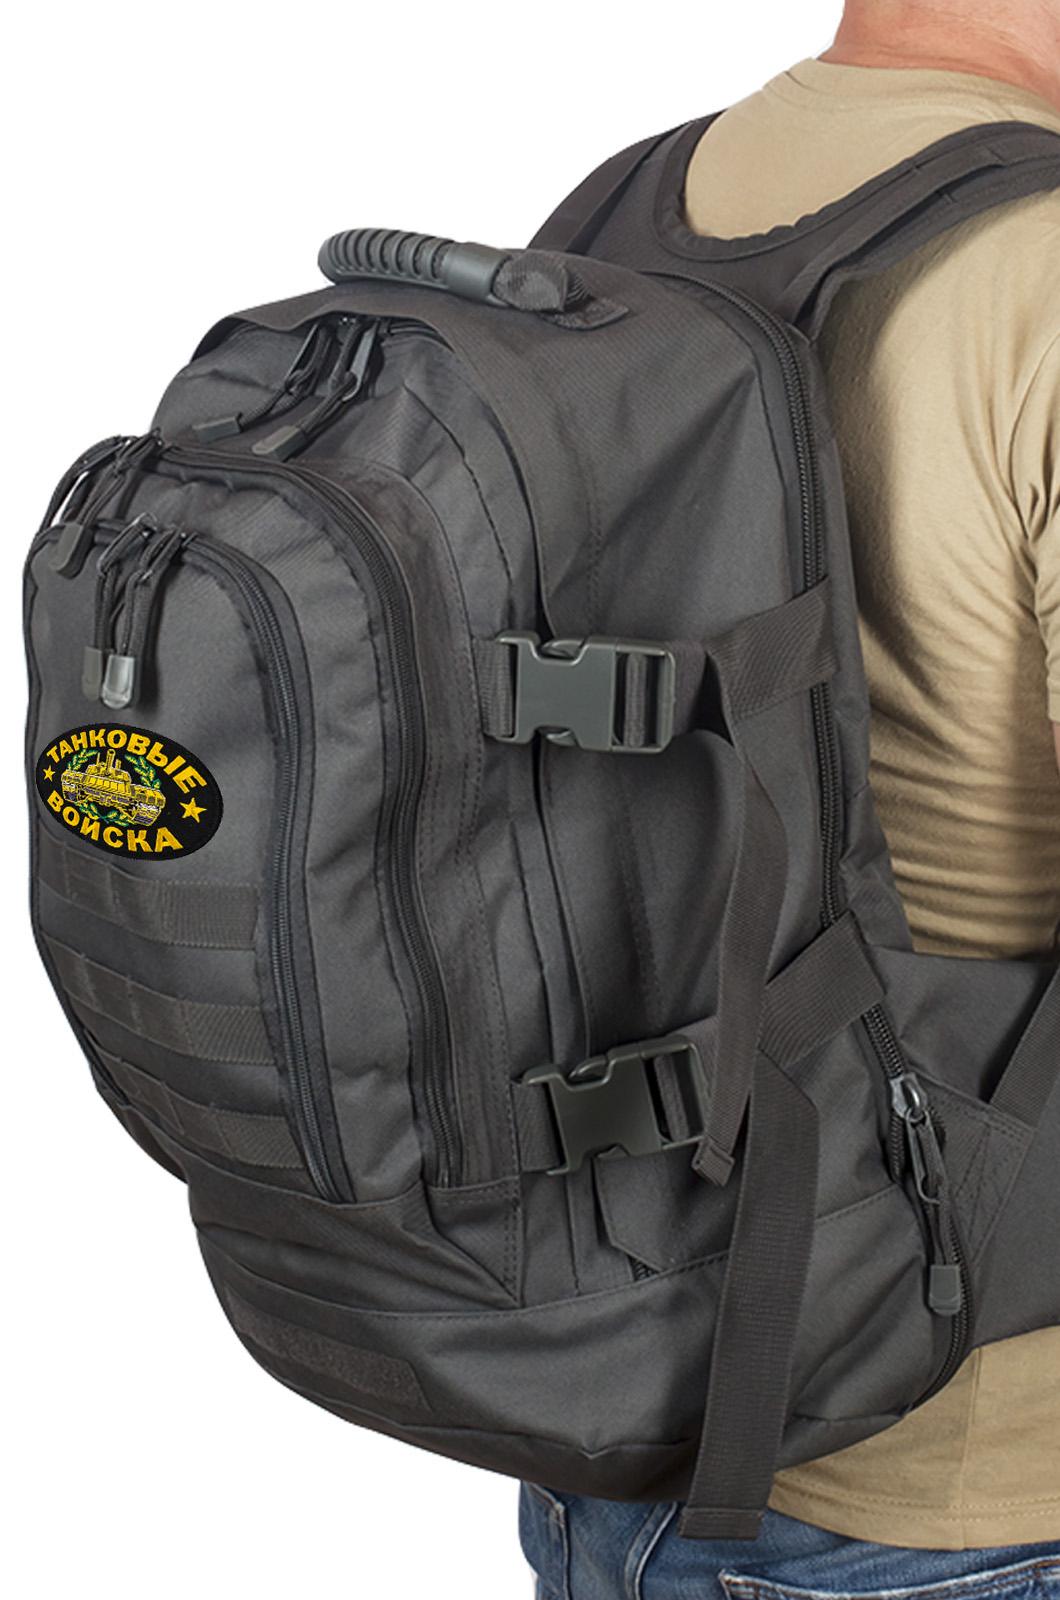 Тактический универсальный рюкзак с нашивкой Танковые Войска